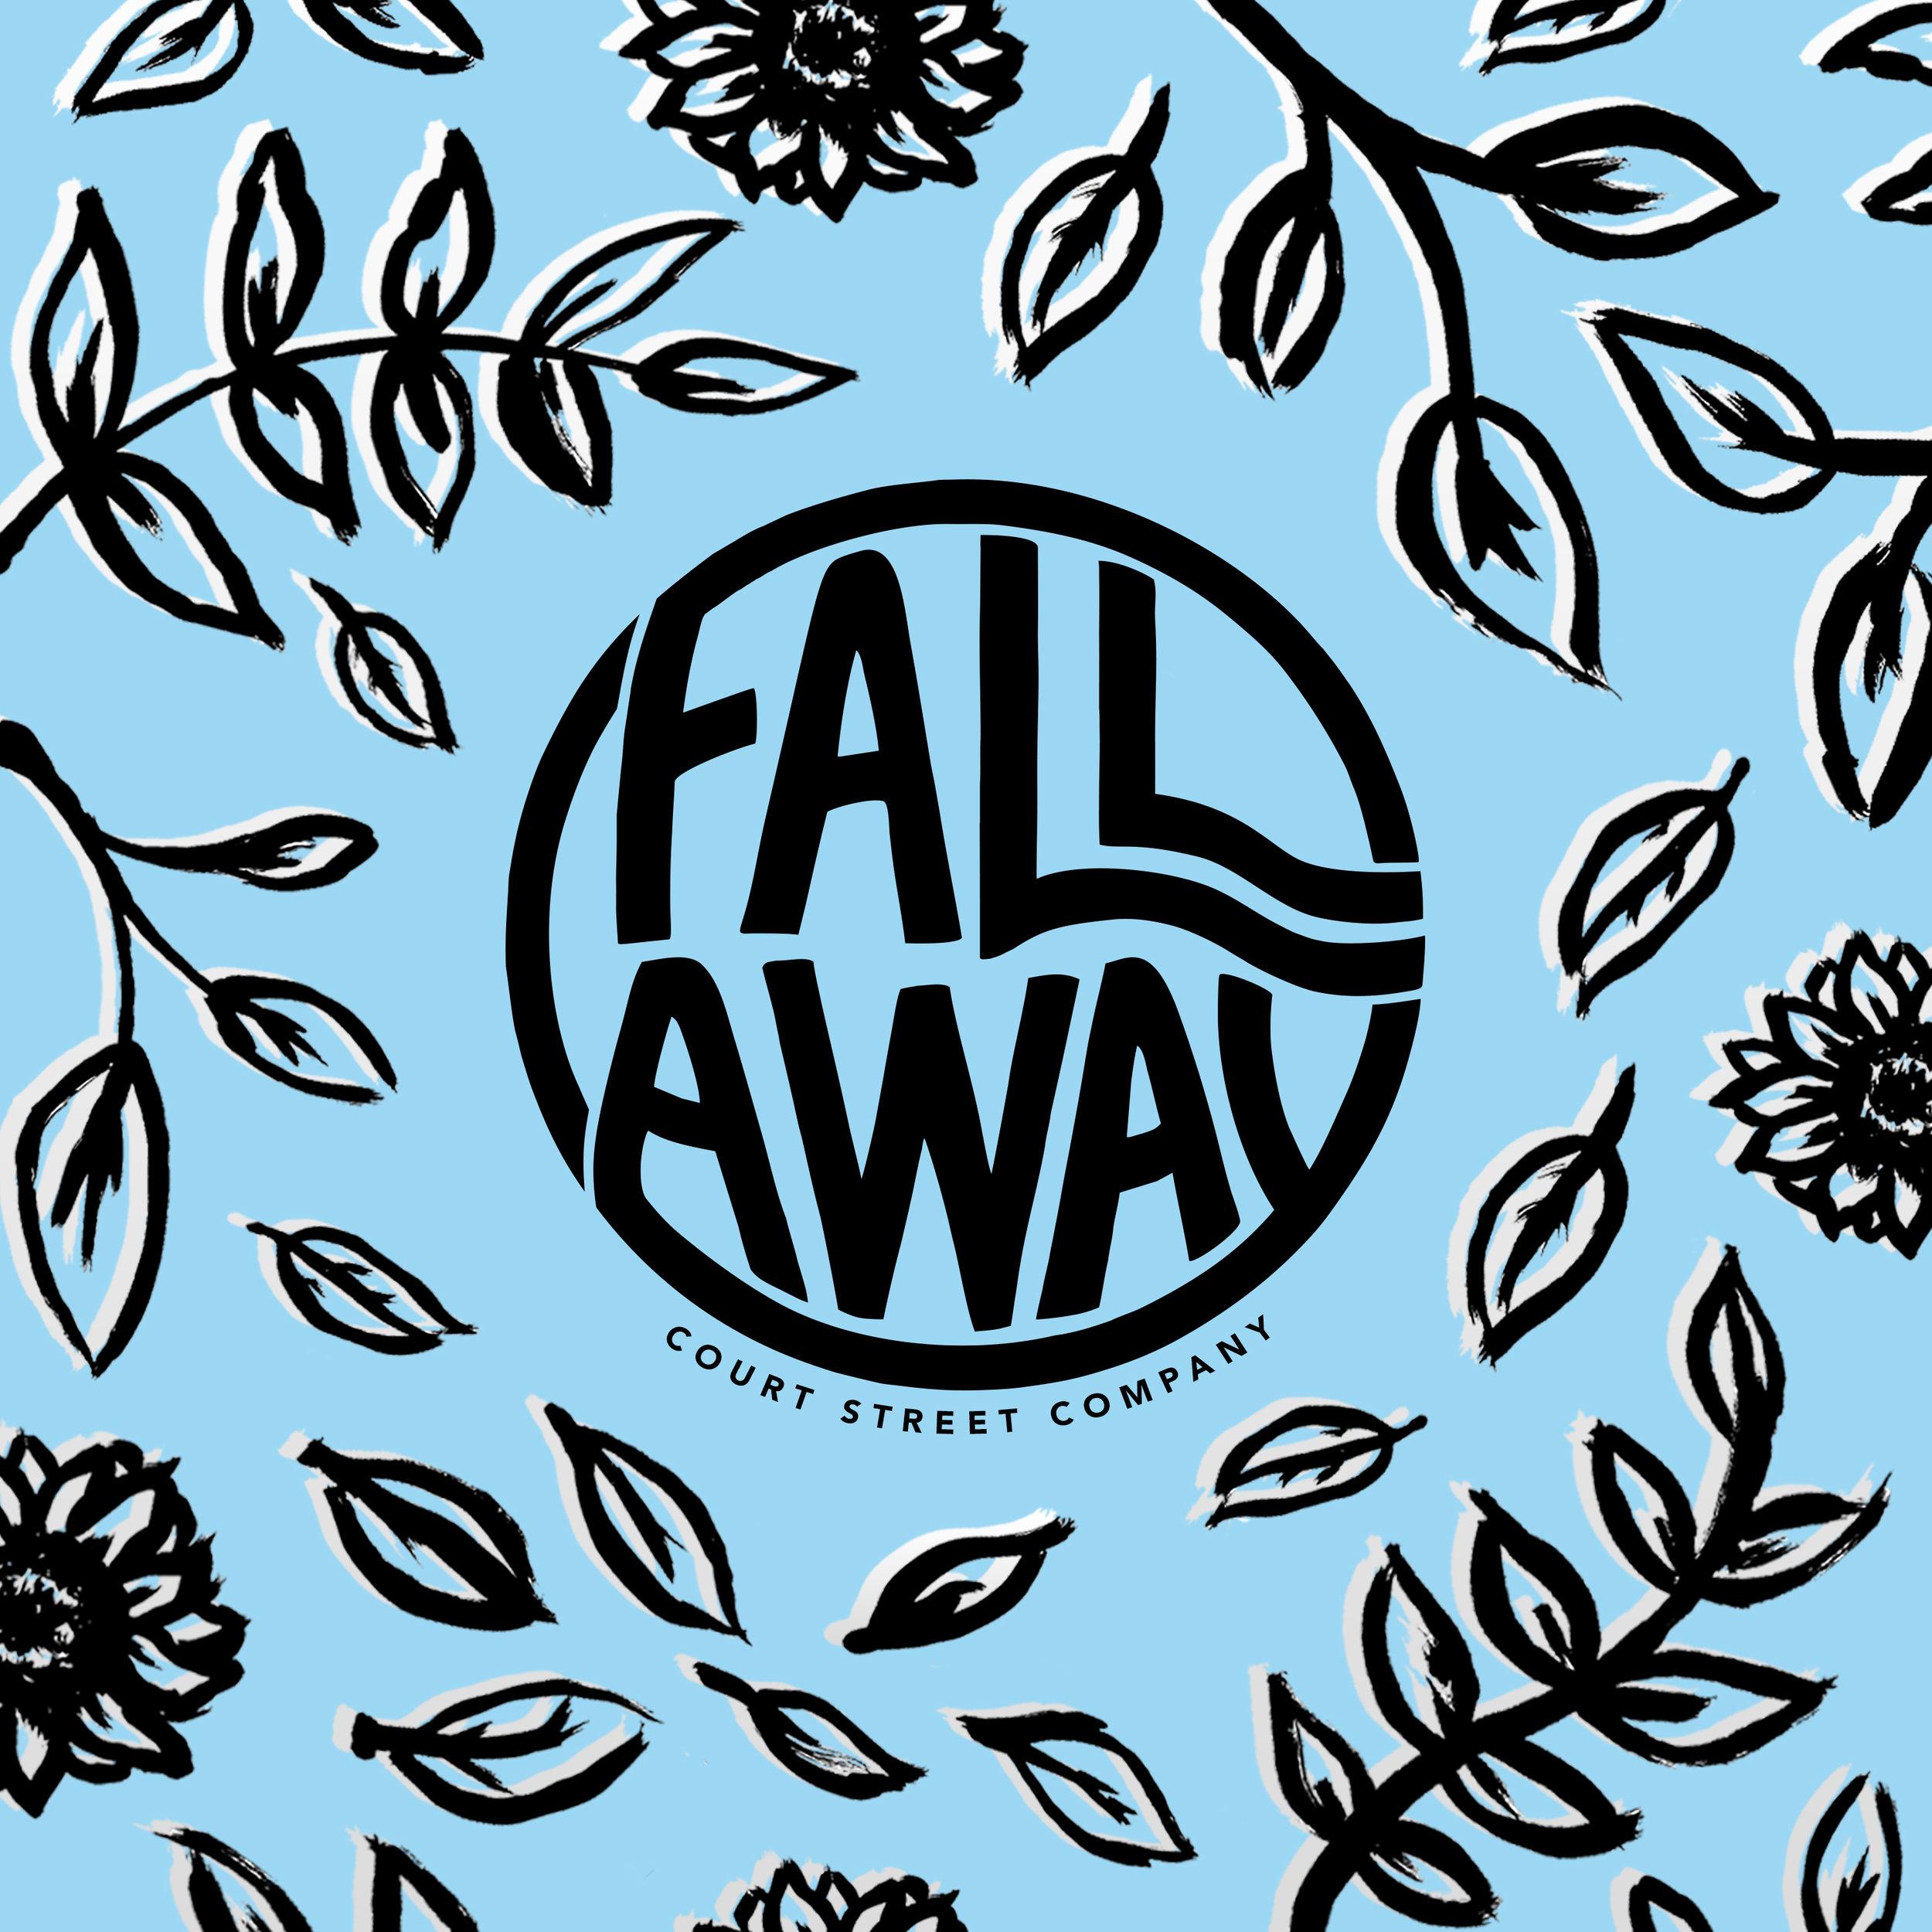 Cover Art by Lauren Crum